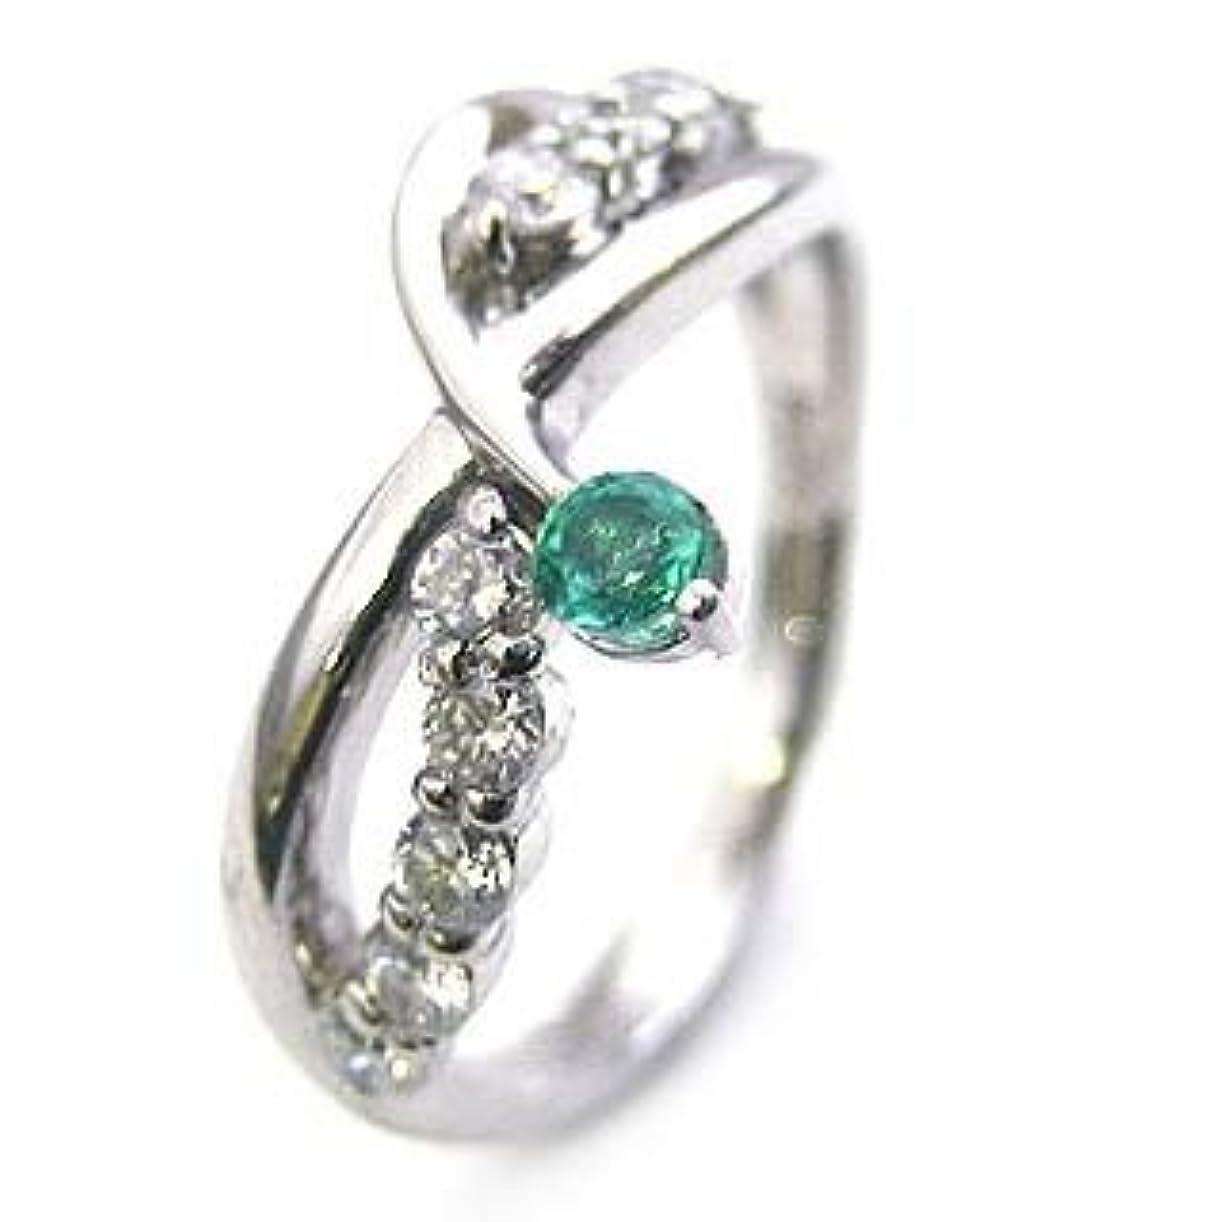 逆に感嘆ズボン(婚約指輪) ダイヤモンド プラチナエンゲージリング(5月誕生石) エメラルド #17